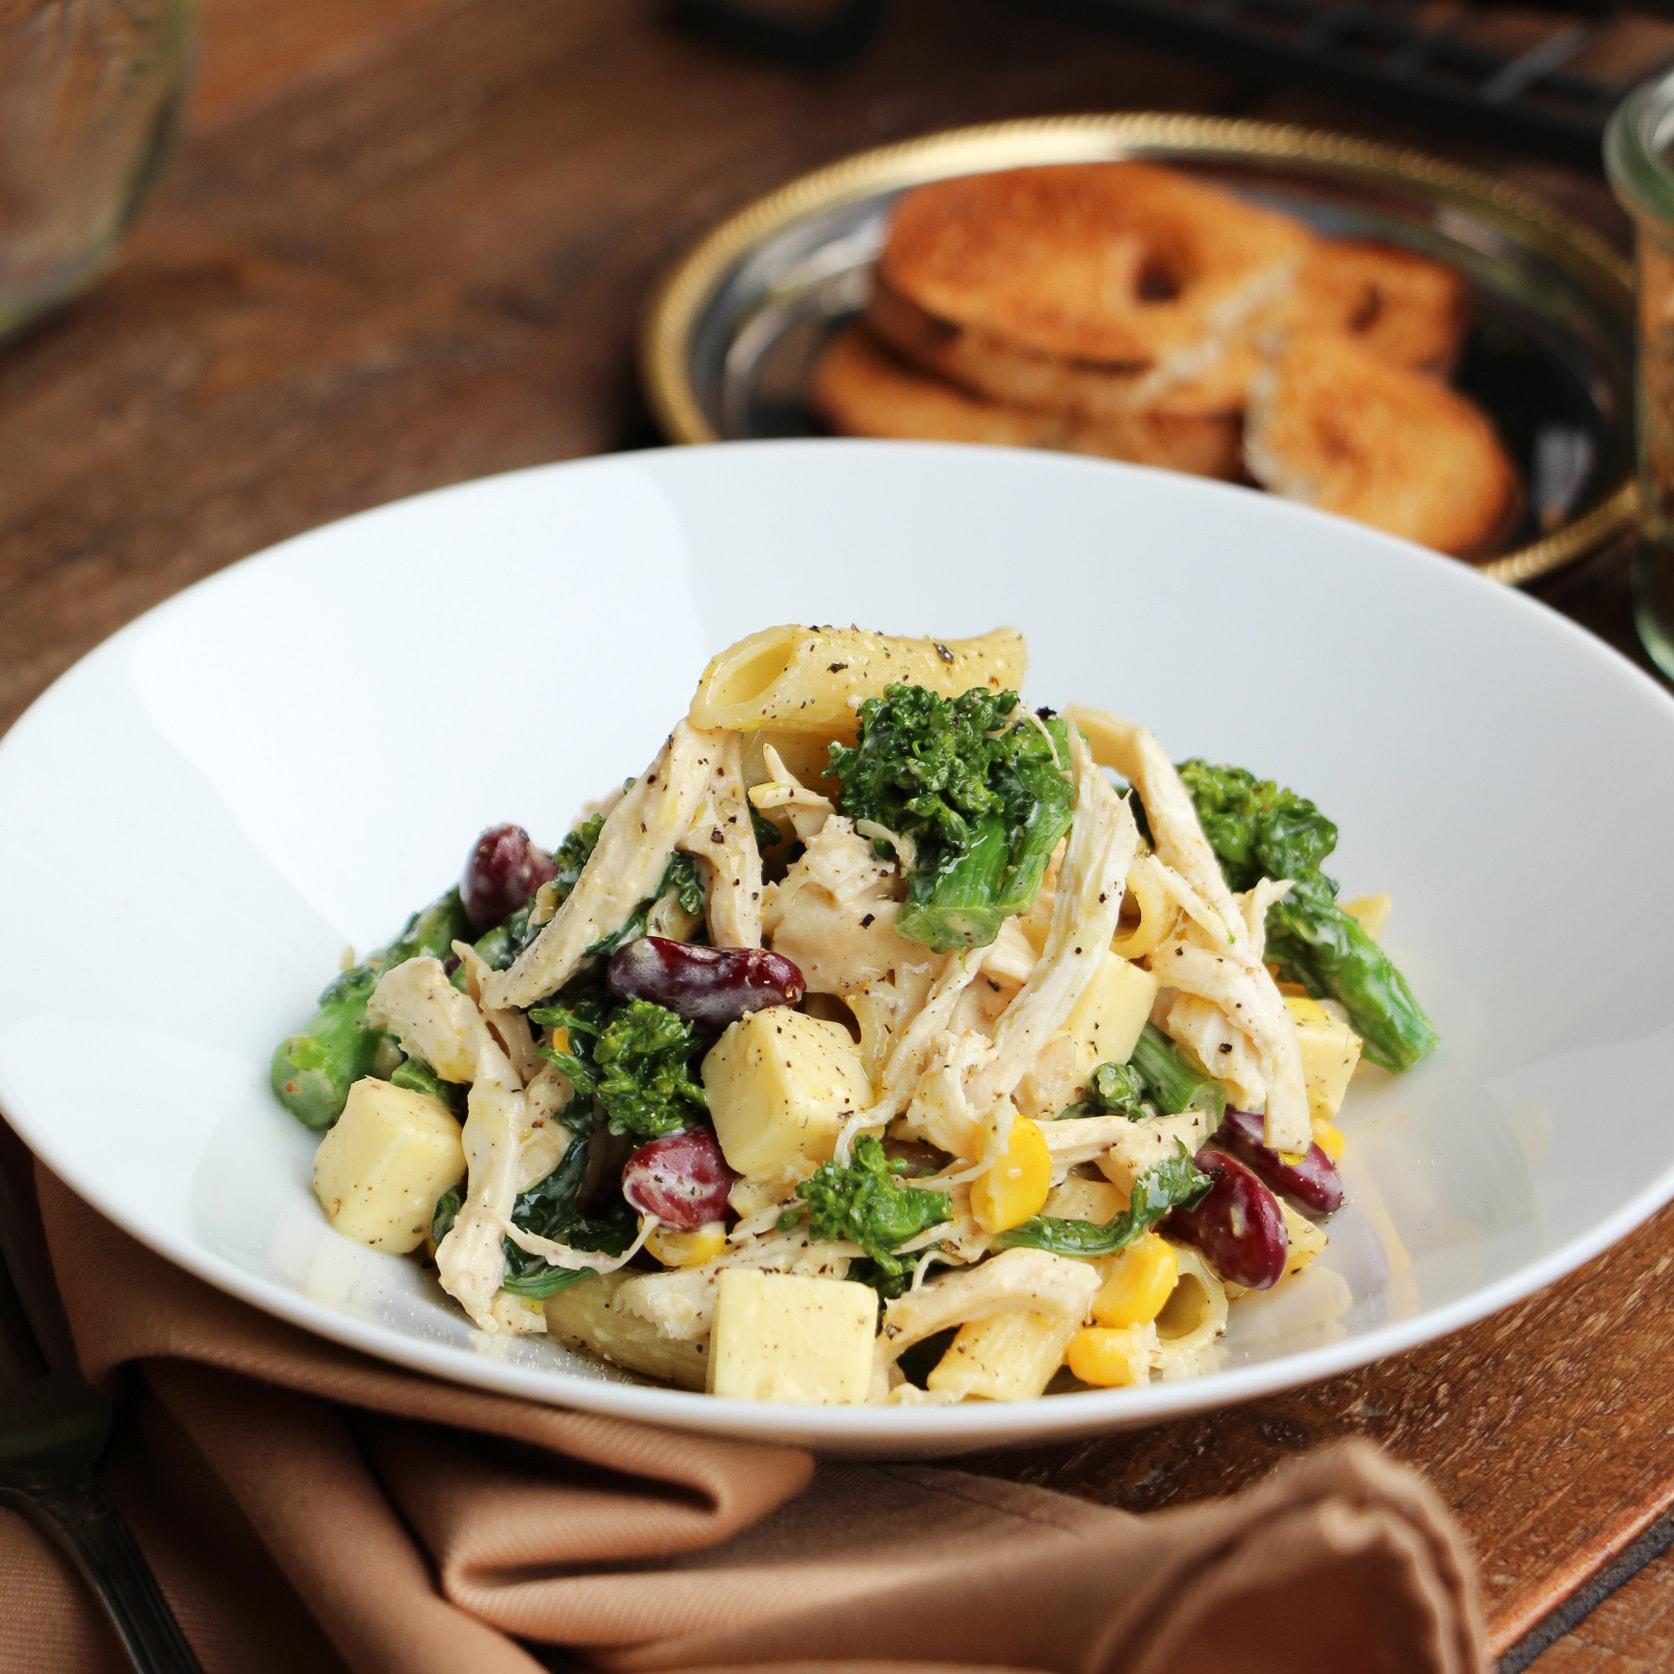 栄養バランスもばっちり蒸し鶏と菜の花の作りおきパスタ